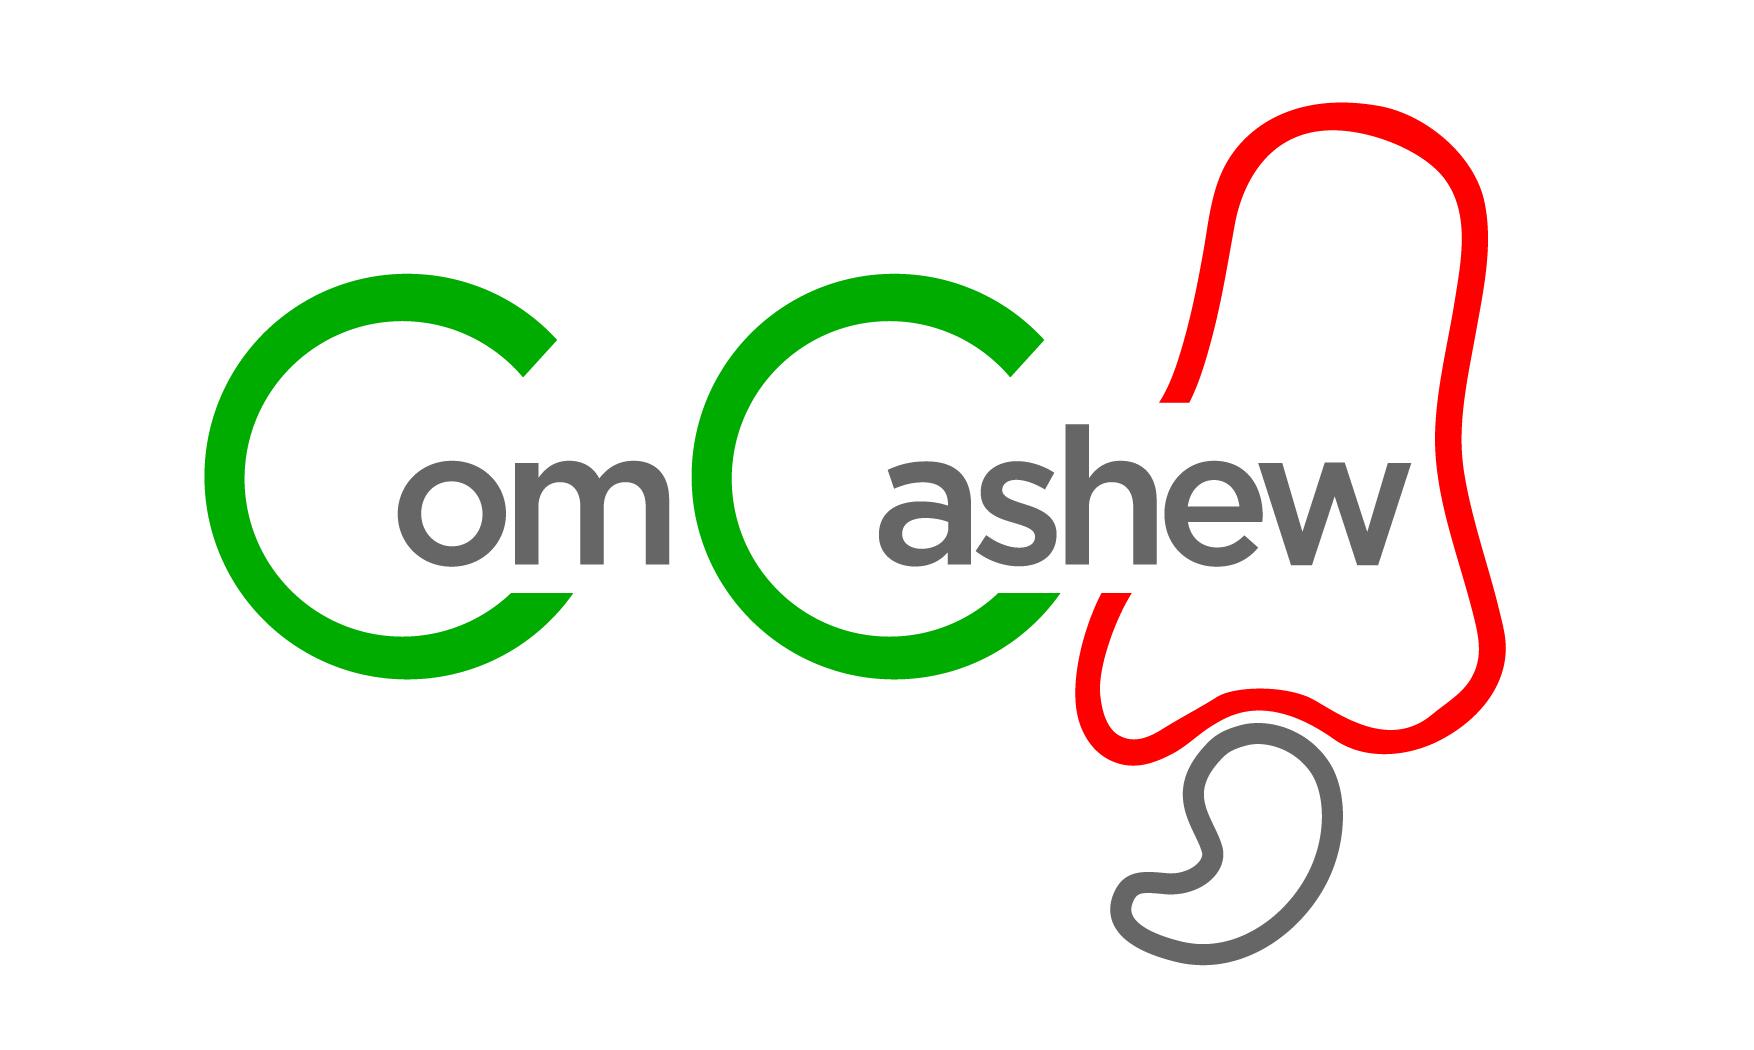 ComCashew Logo